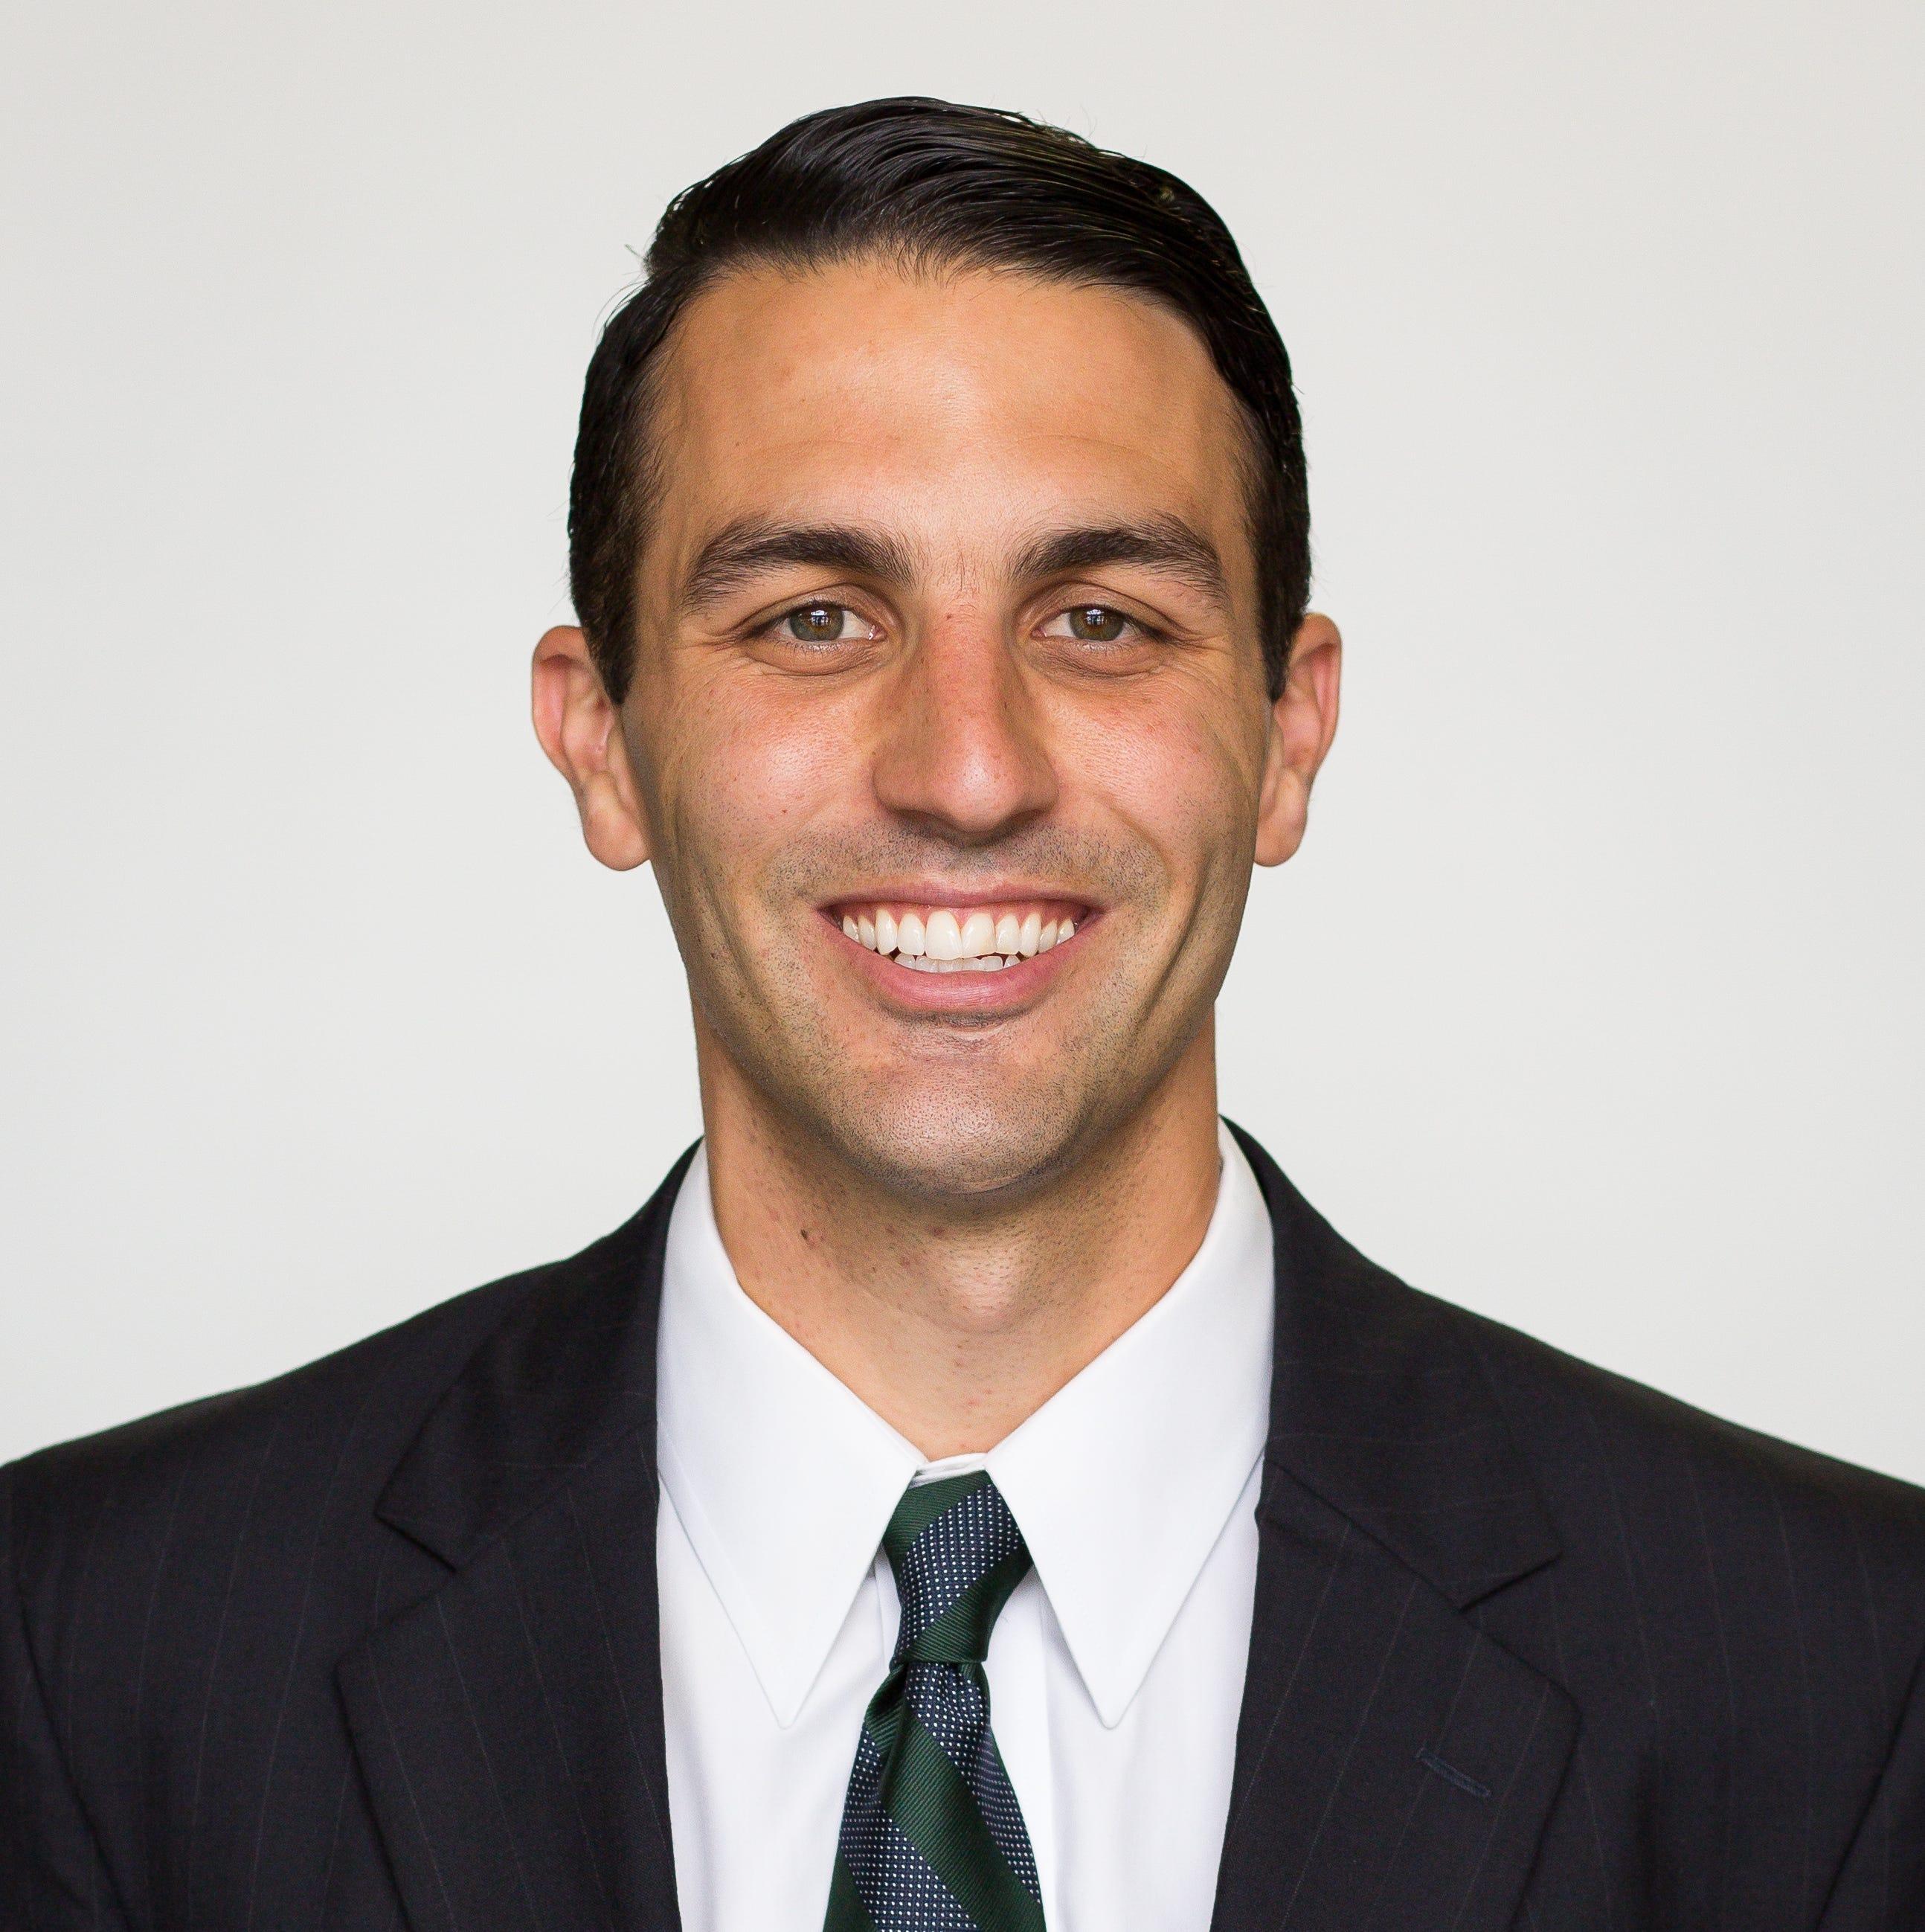 Asheville School names new head boys basketball coach